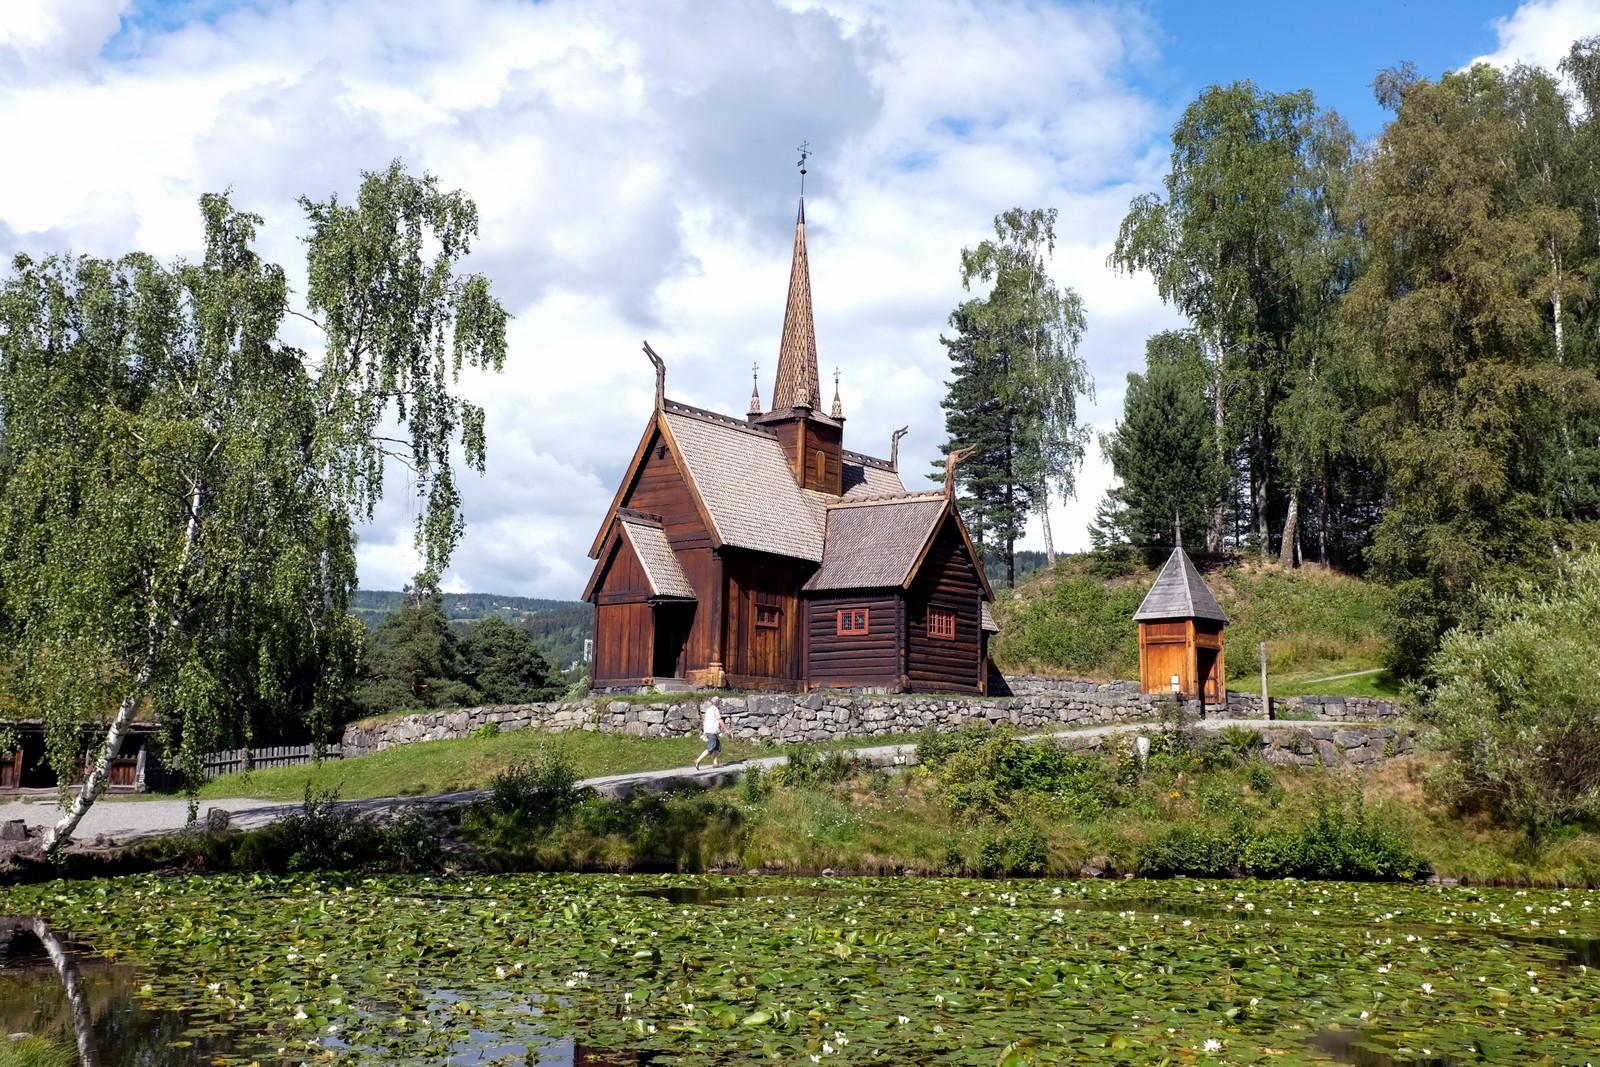 Garmo stavkirke på Maihaugen friluftsmuseum. Den ble antagelig bygget på 1200 tallet.